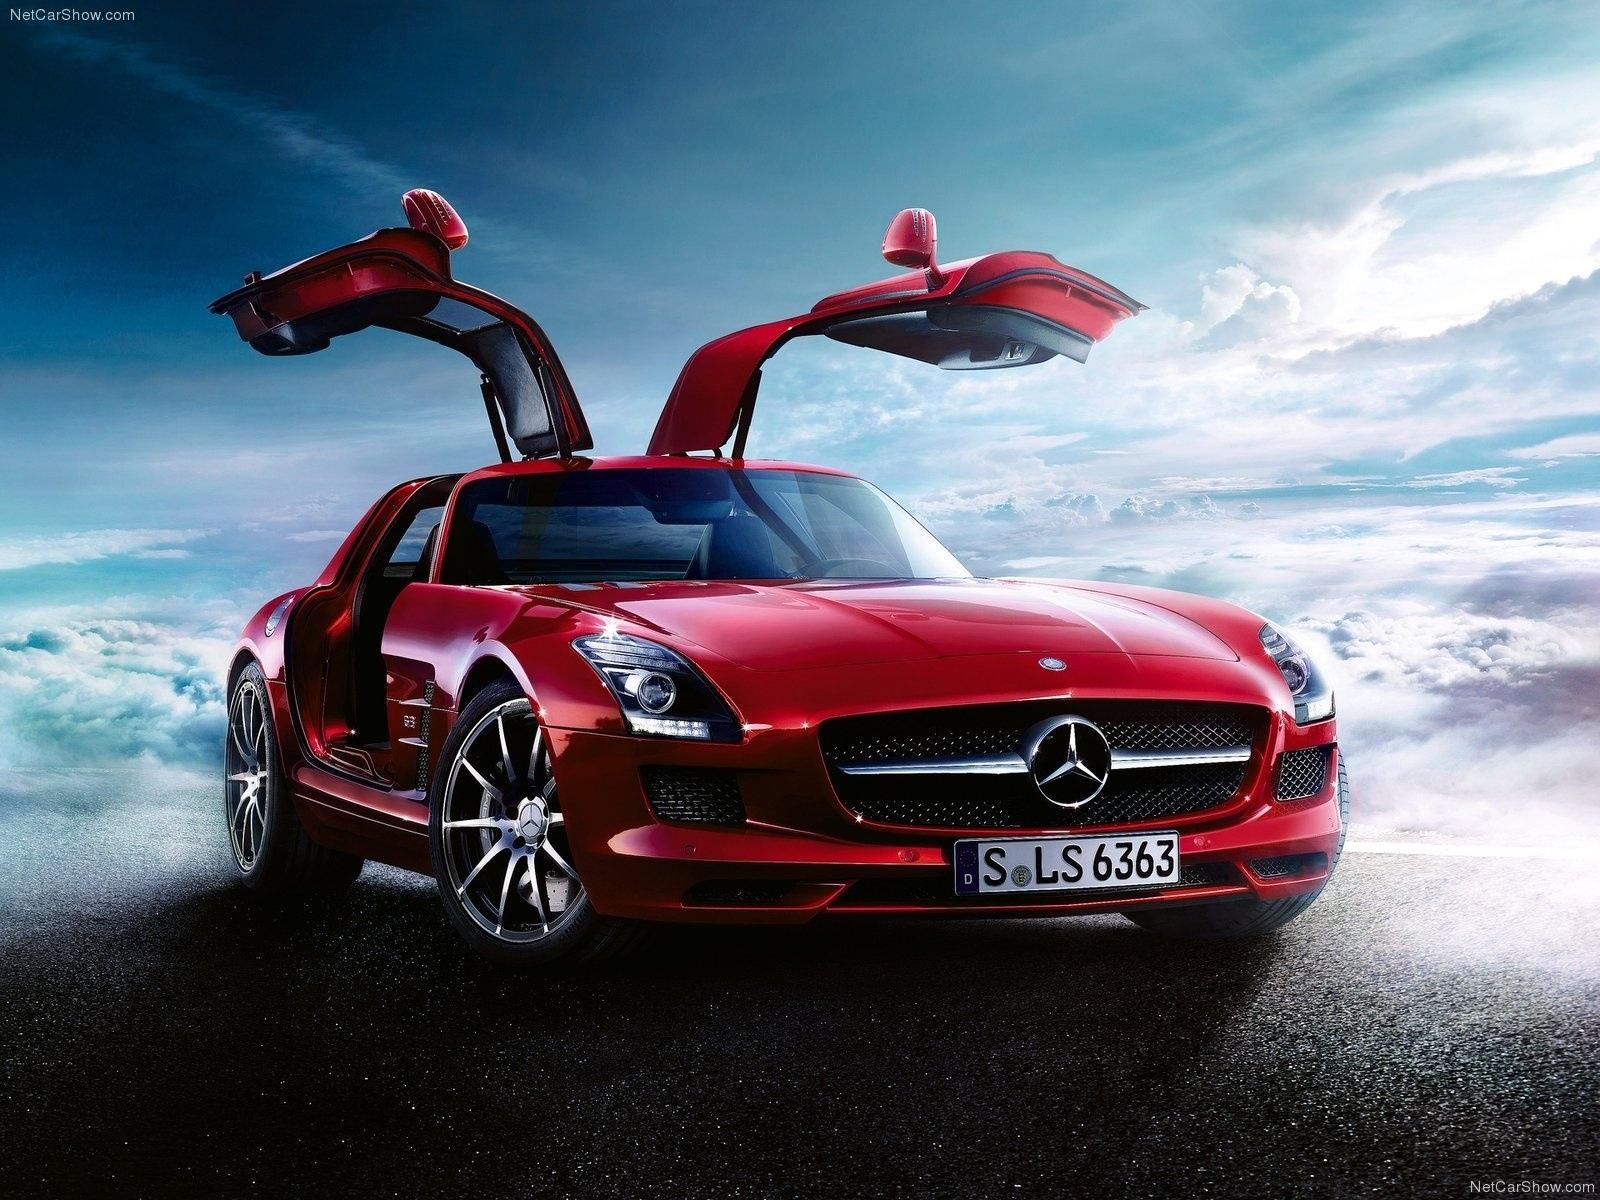 Fond dcran Mercedes SL gratuit fonds cran Mercedes SL 1600x1200